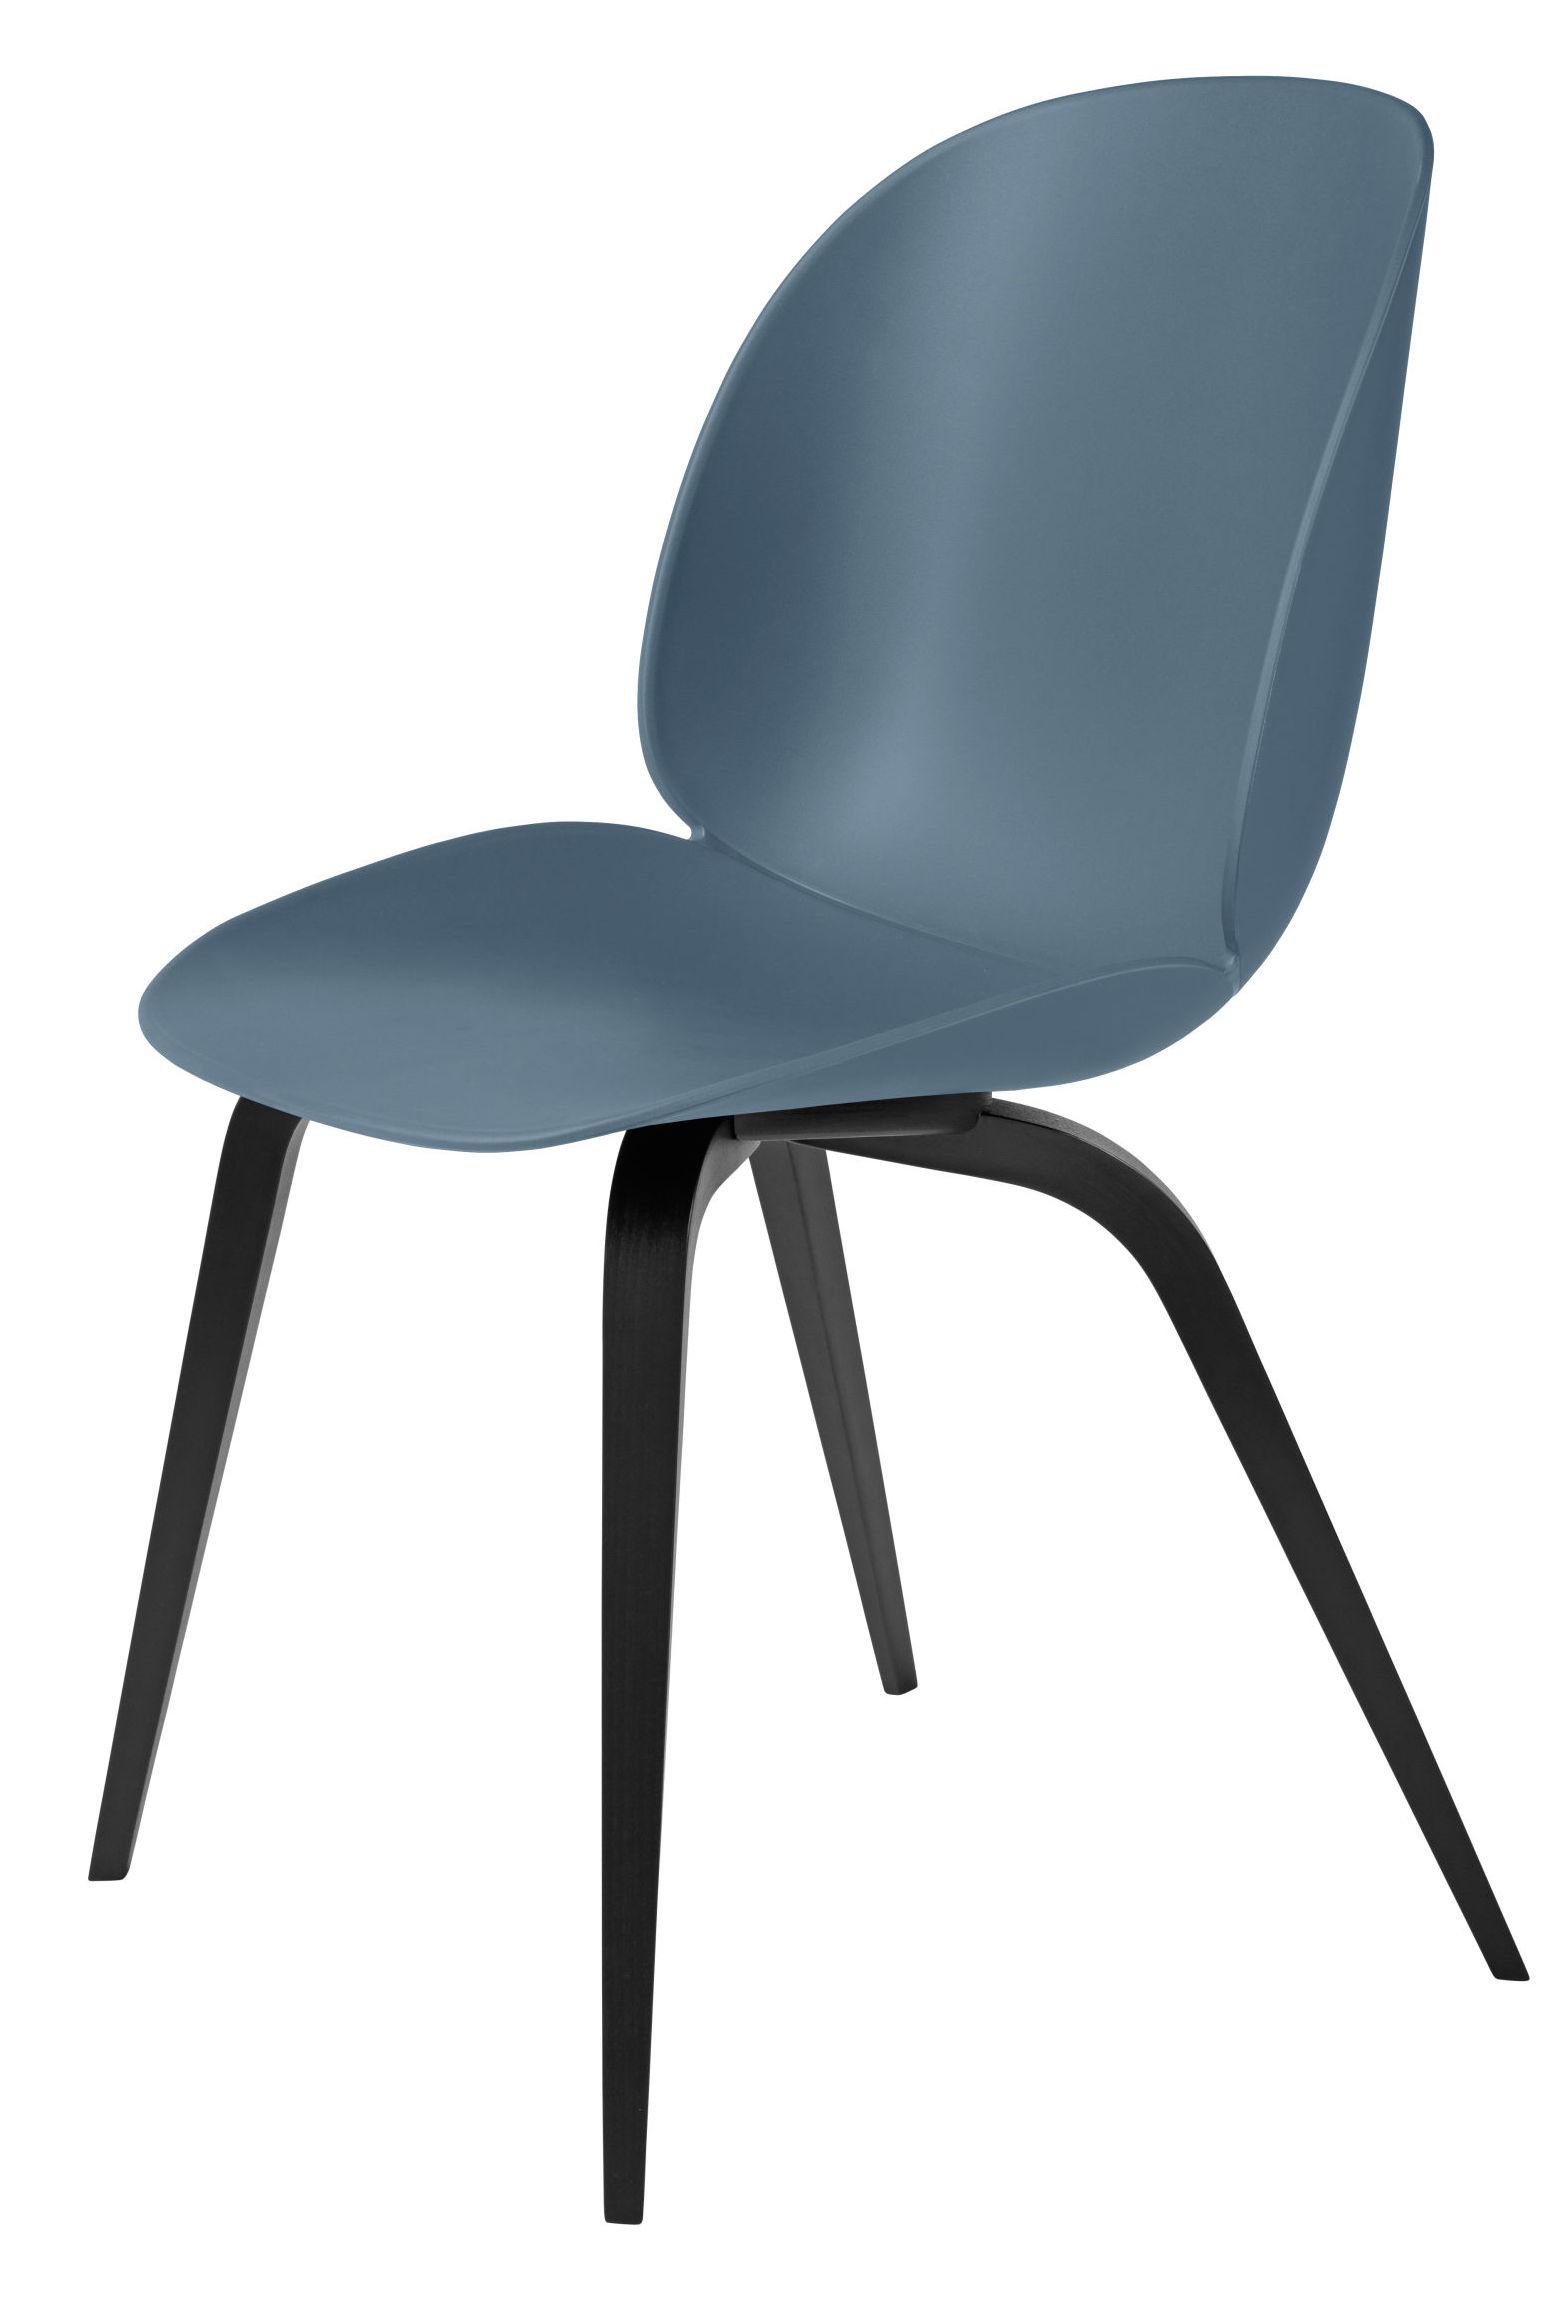 Gubi Gubi - beetle spisebordsstol - blue grey /sort bøg fra unoliving.com